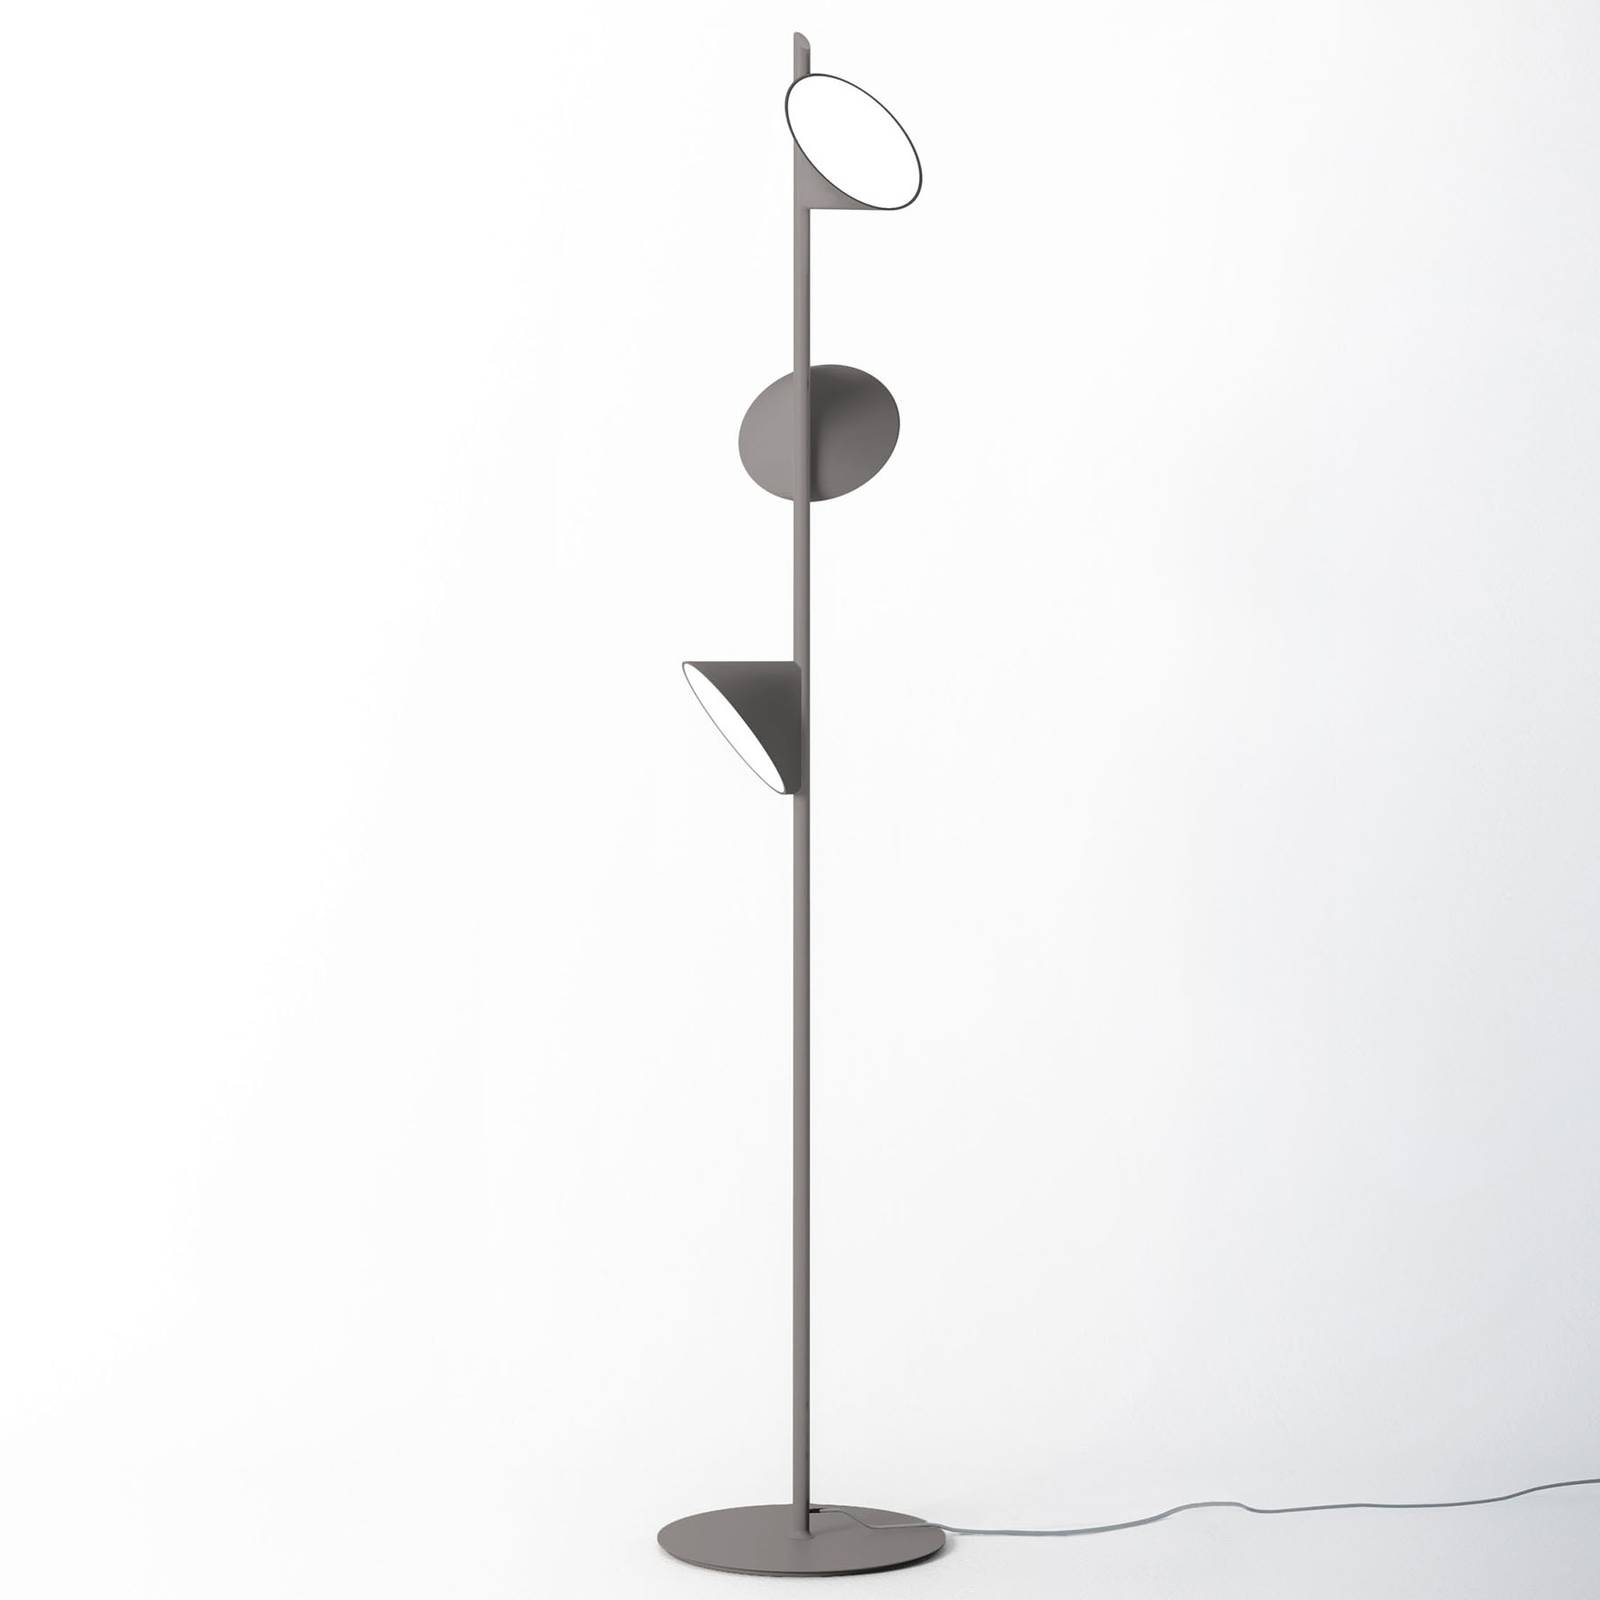 Axolight Orchid LED-lattiavalaisin, tummanharmaa